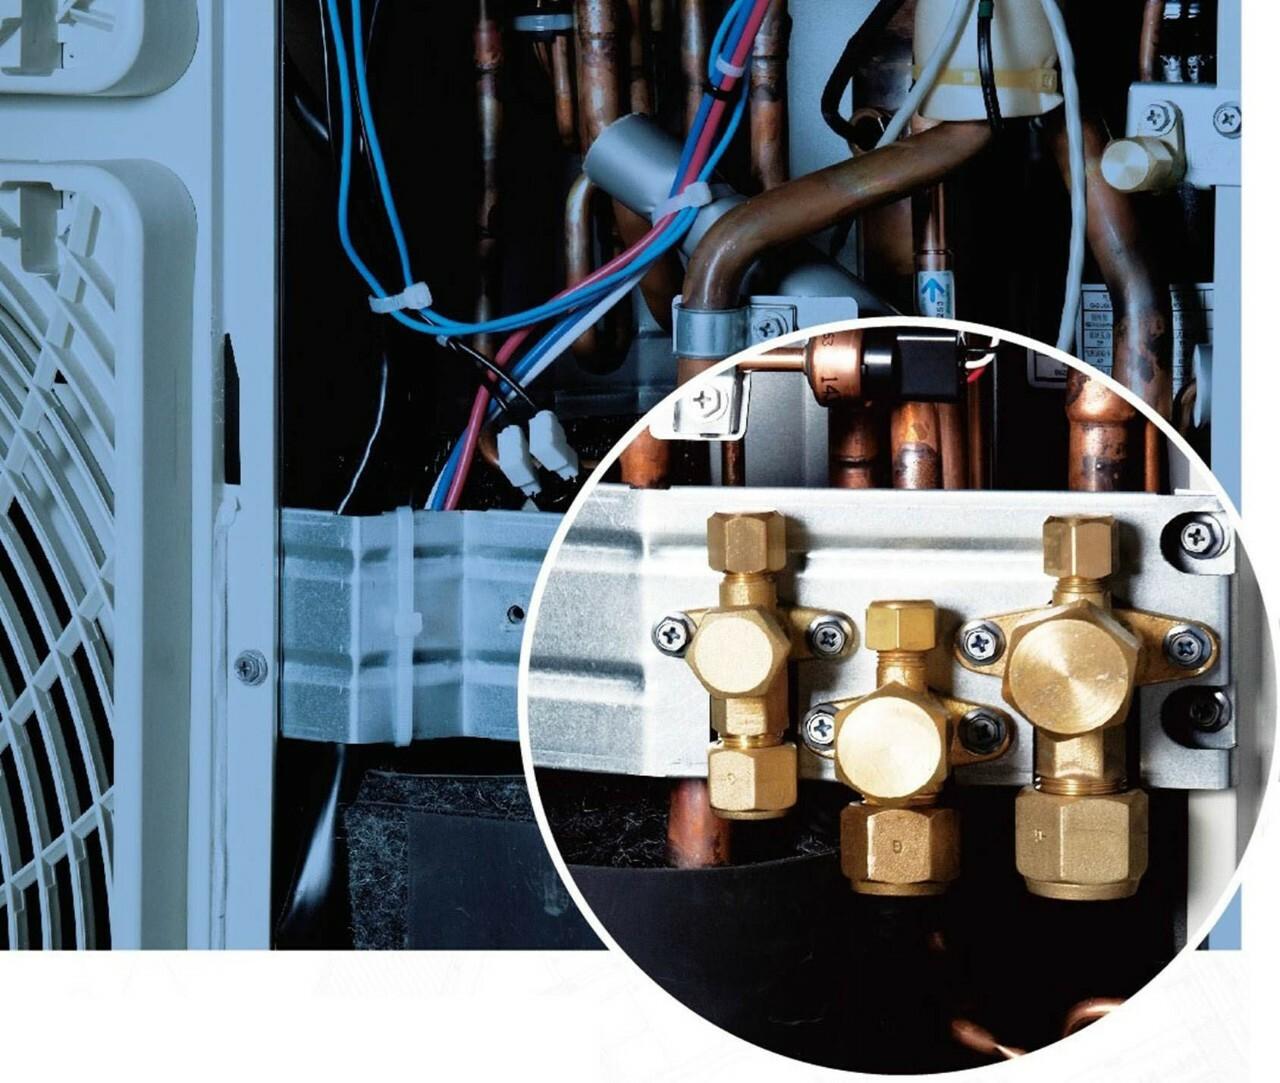 大金中央空调如何通过调节温度和湿度来达到温湿平衡